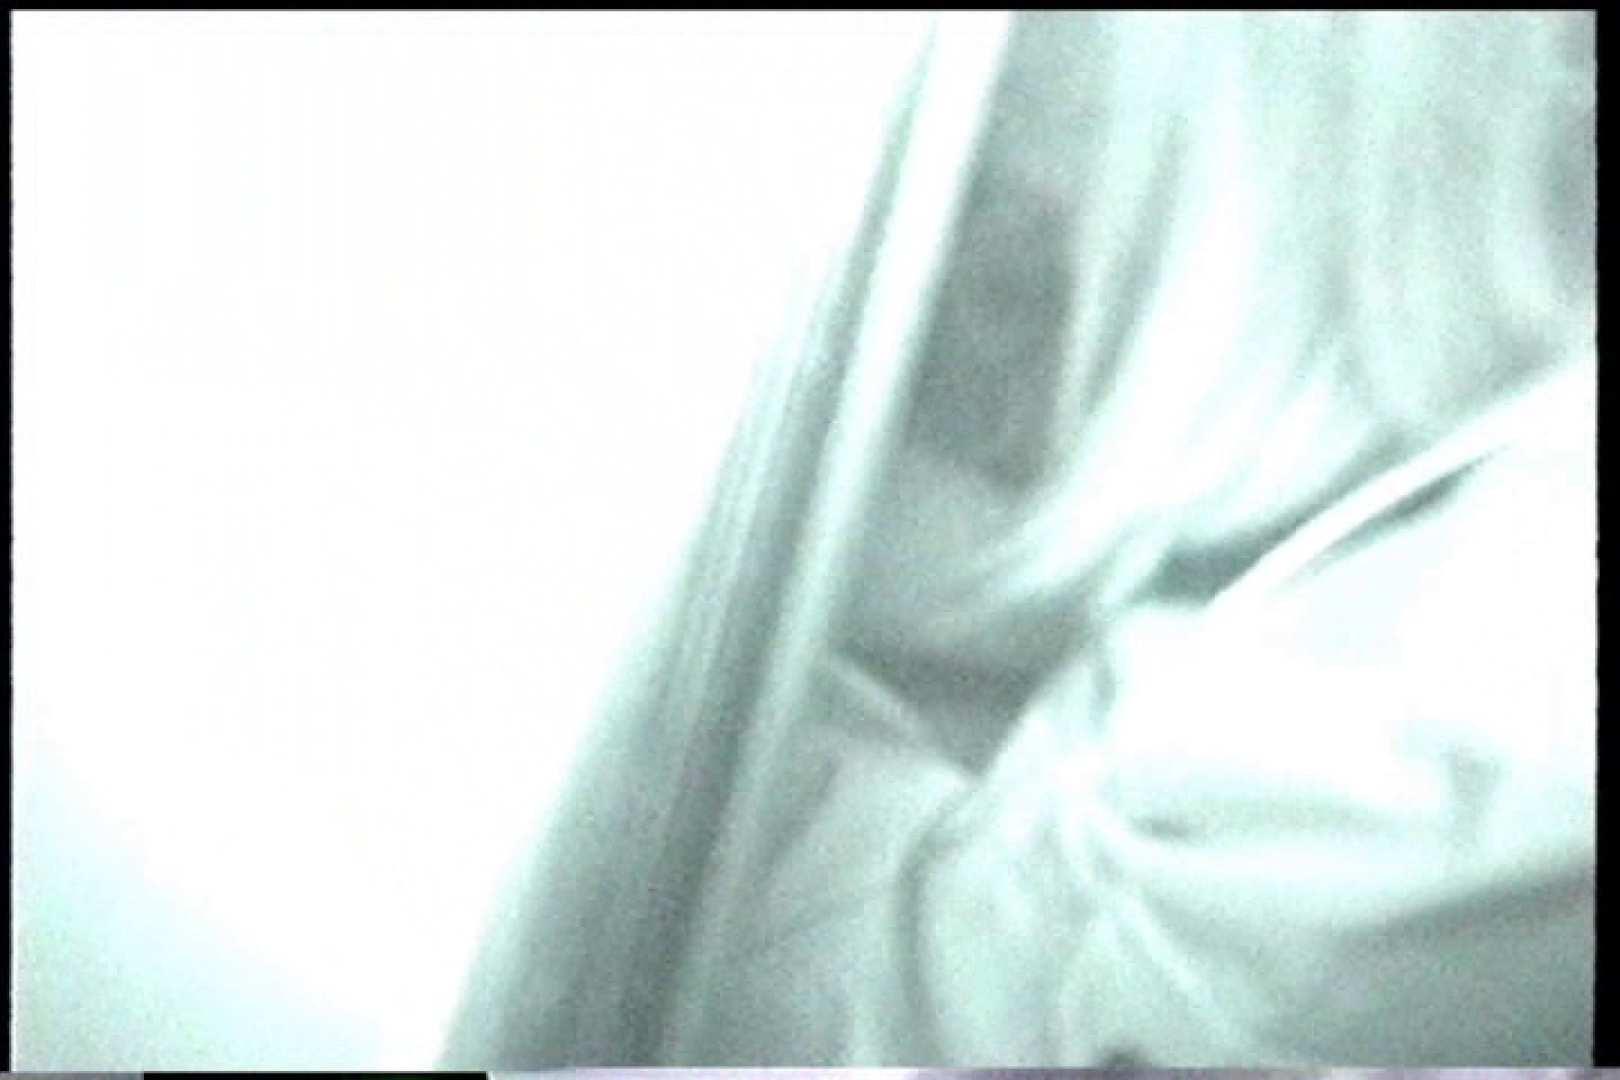 充血監督の深夜の運動会Vol.222 エロいOL おめこ無修正画像 93枚